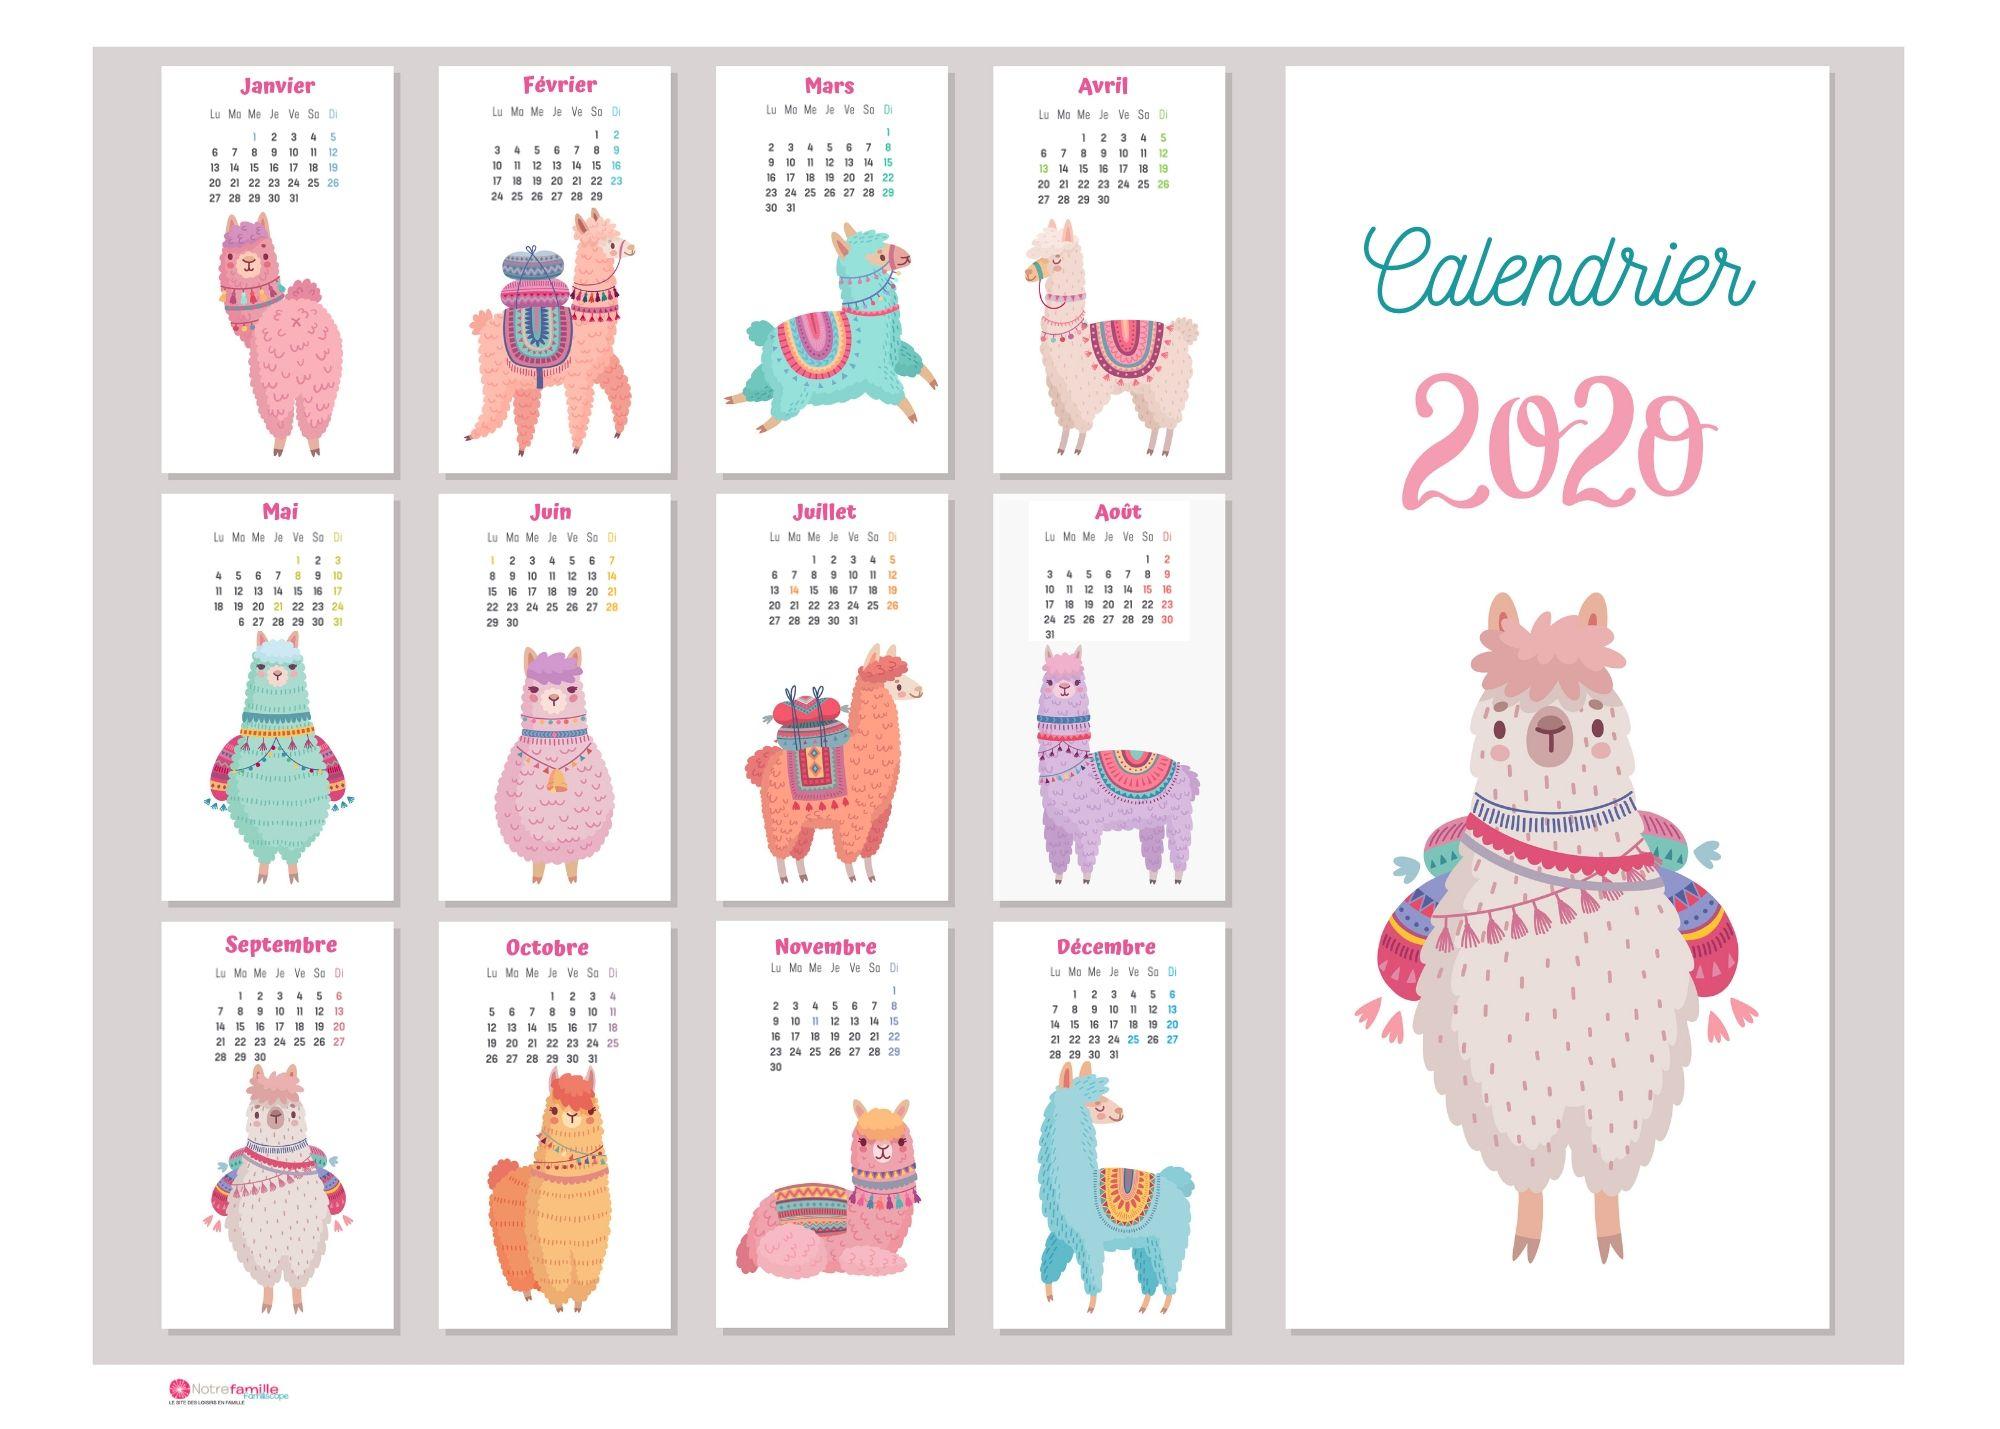 Calendriers 2020 À Imprimer Pour Les Enfants dedans Calendrier Des Anniversaires À Imprimer